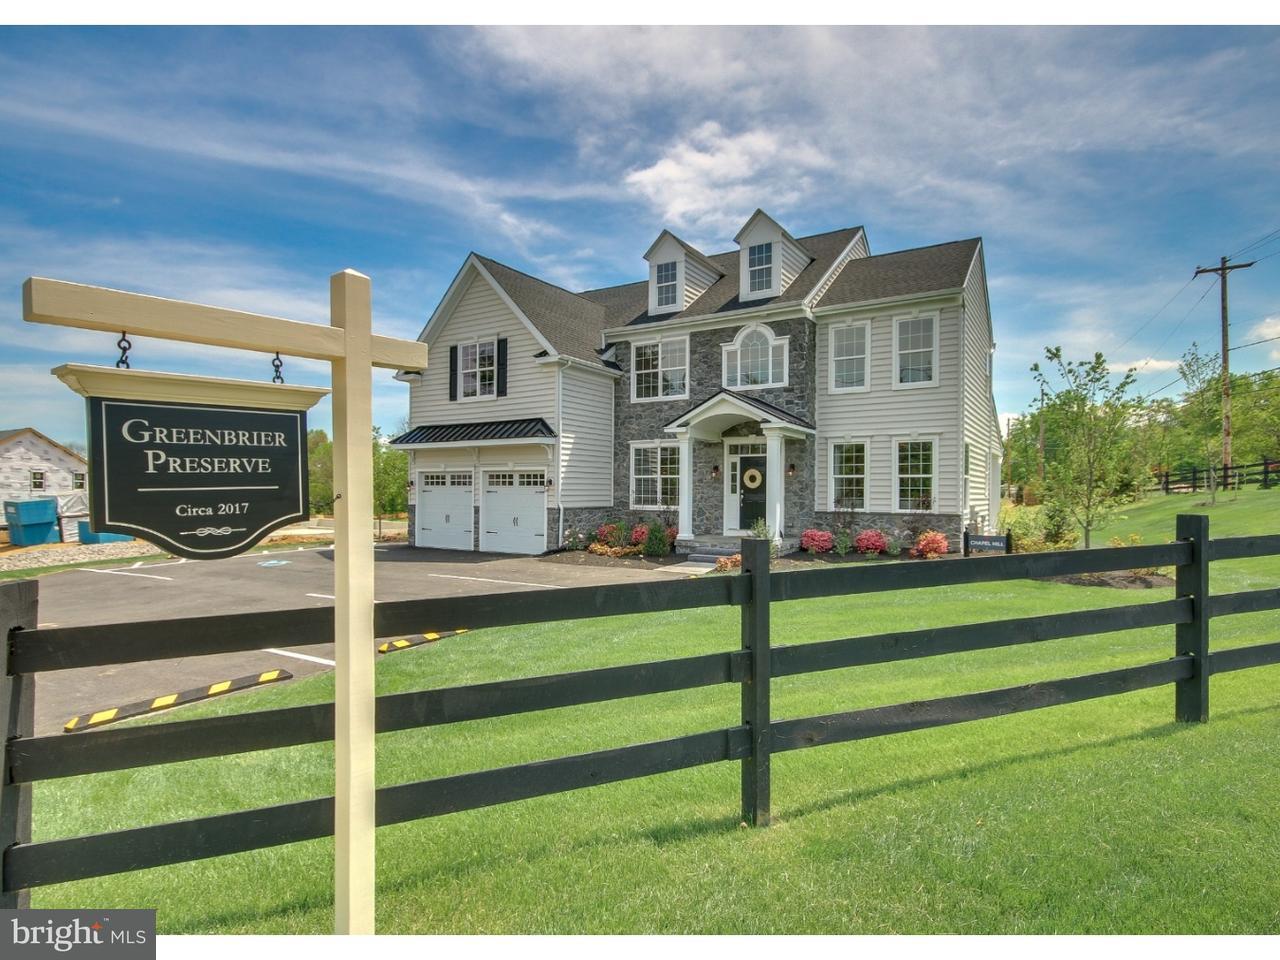 Частный односемейный дом для того Продажа на LOT #4 BENNETT Lane Wrightstown, Пенсильвания 18940 Соединенные Штаты